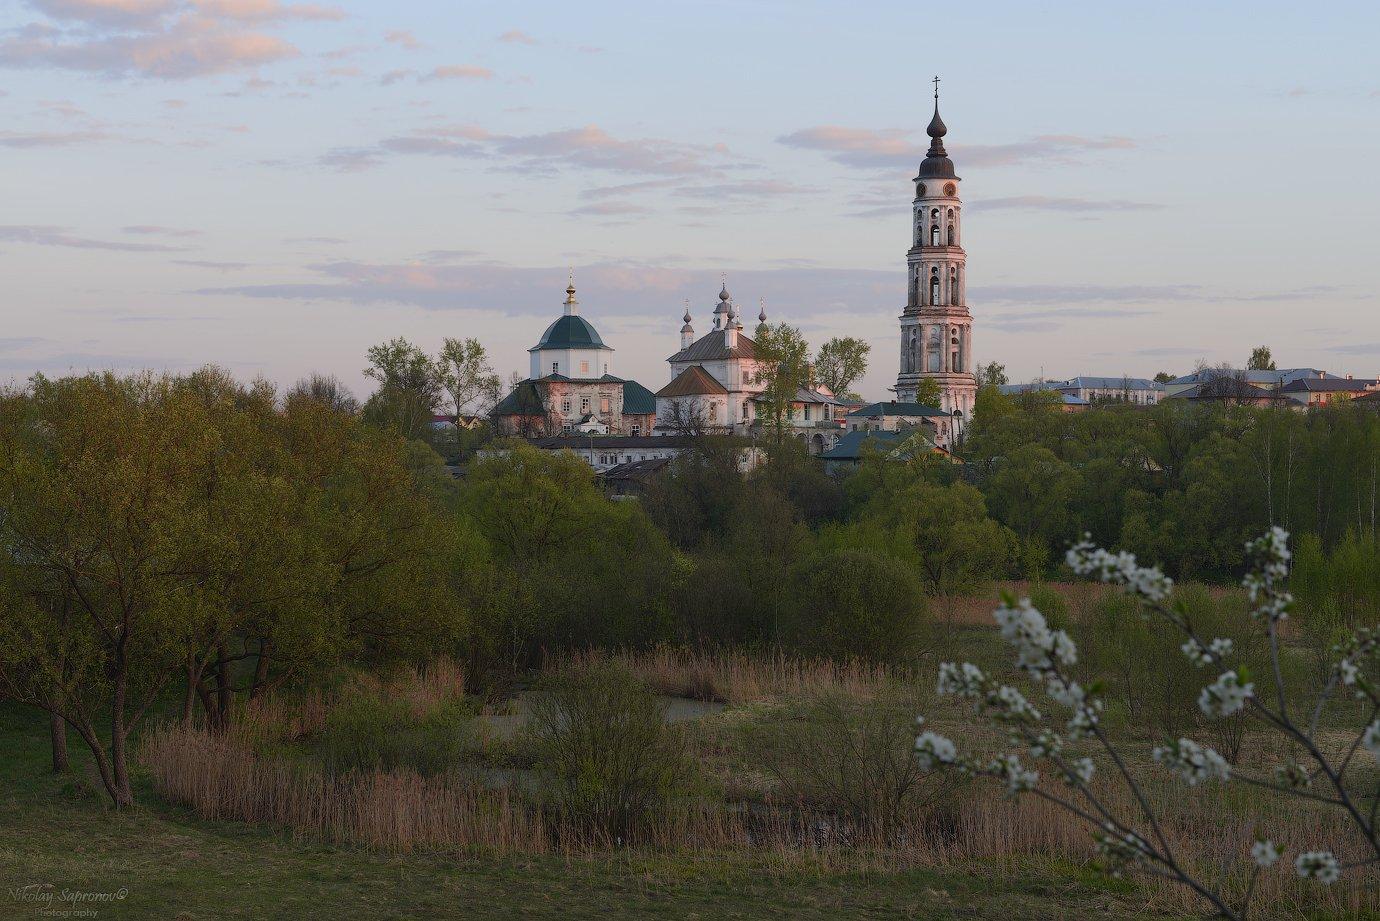 лежнево, ивановская область, ухтохма, золотое кольцо, россия, лежневский район, Николай Сапронов